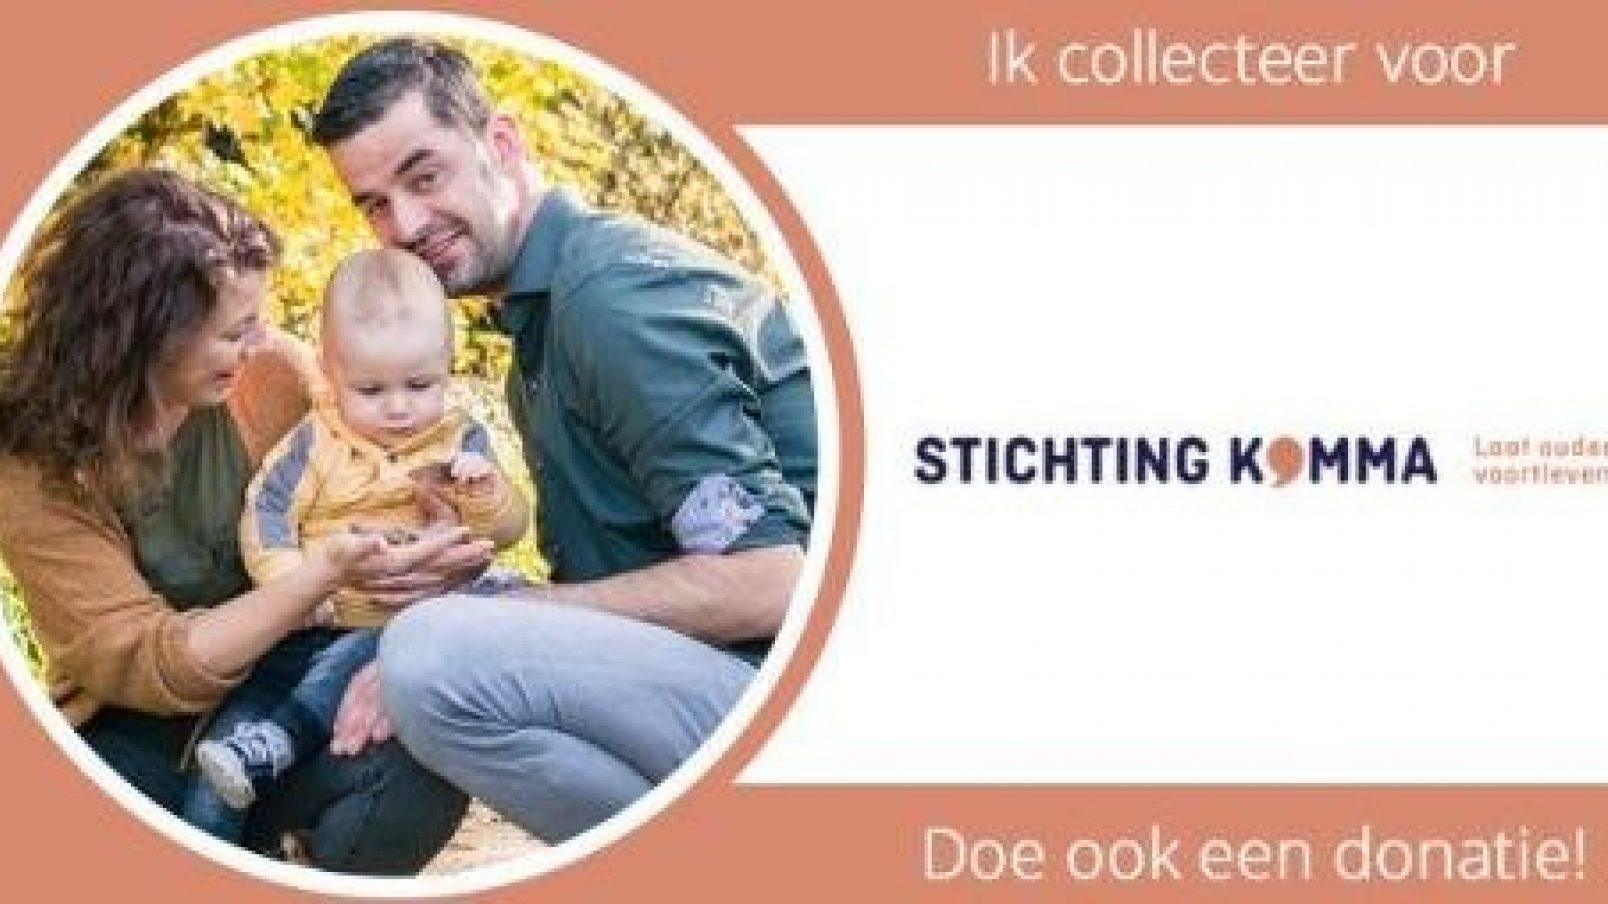 Doneer jij ook in de collectebus van Tim van der Aa voor Stichting Komma?